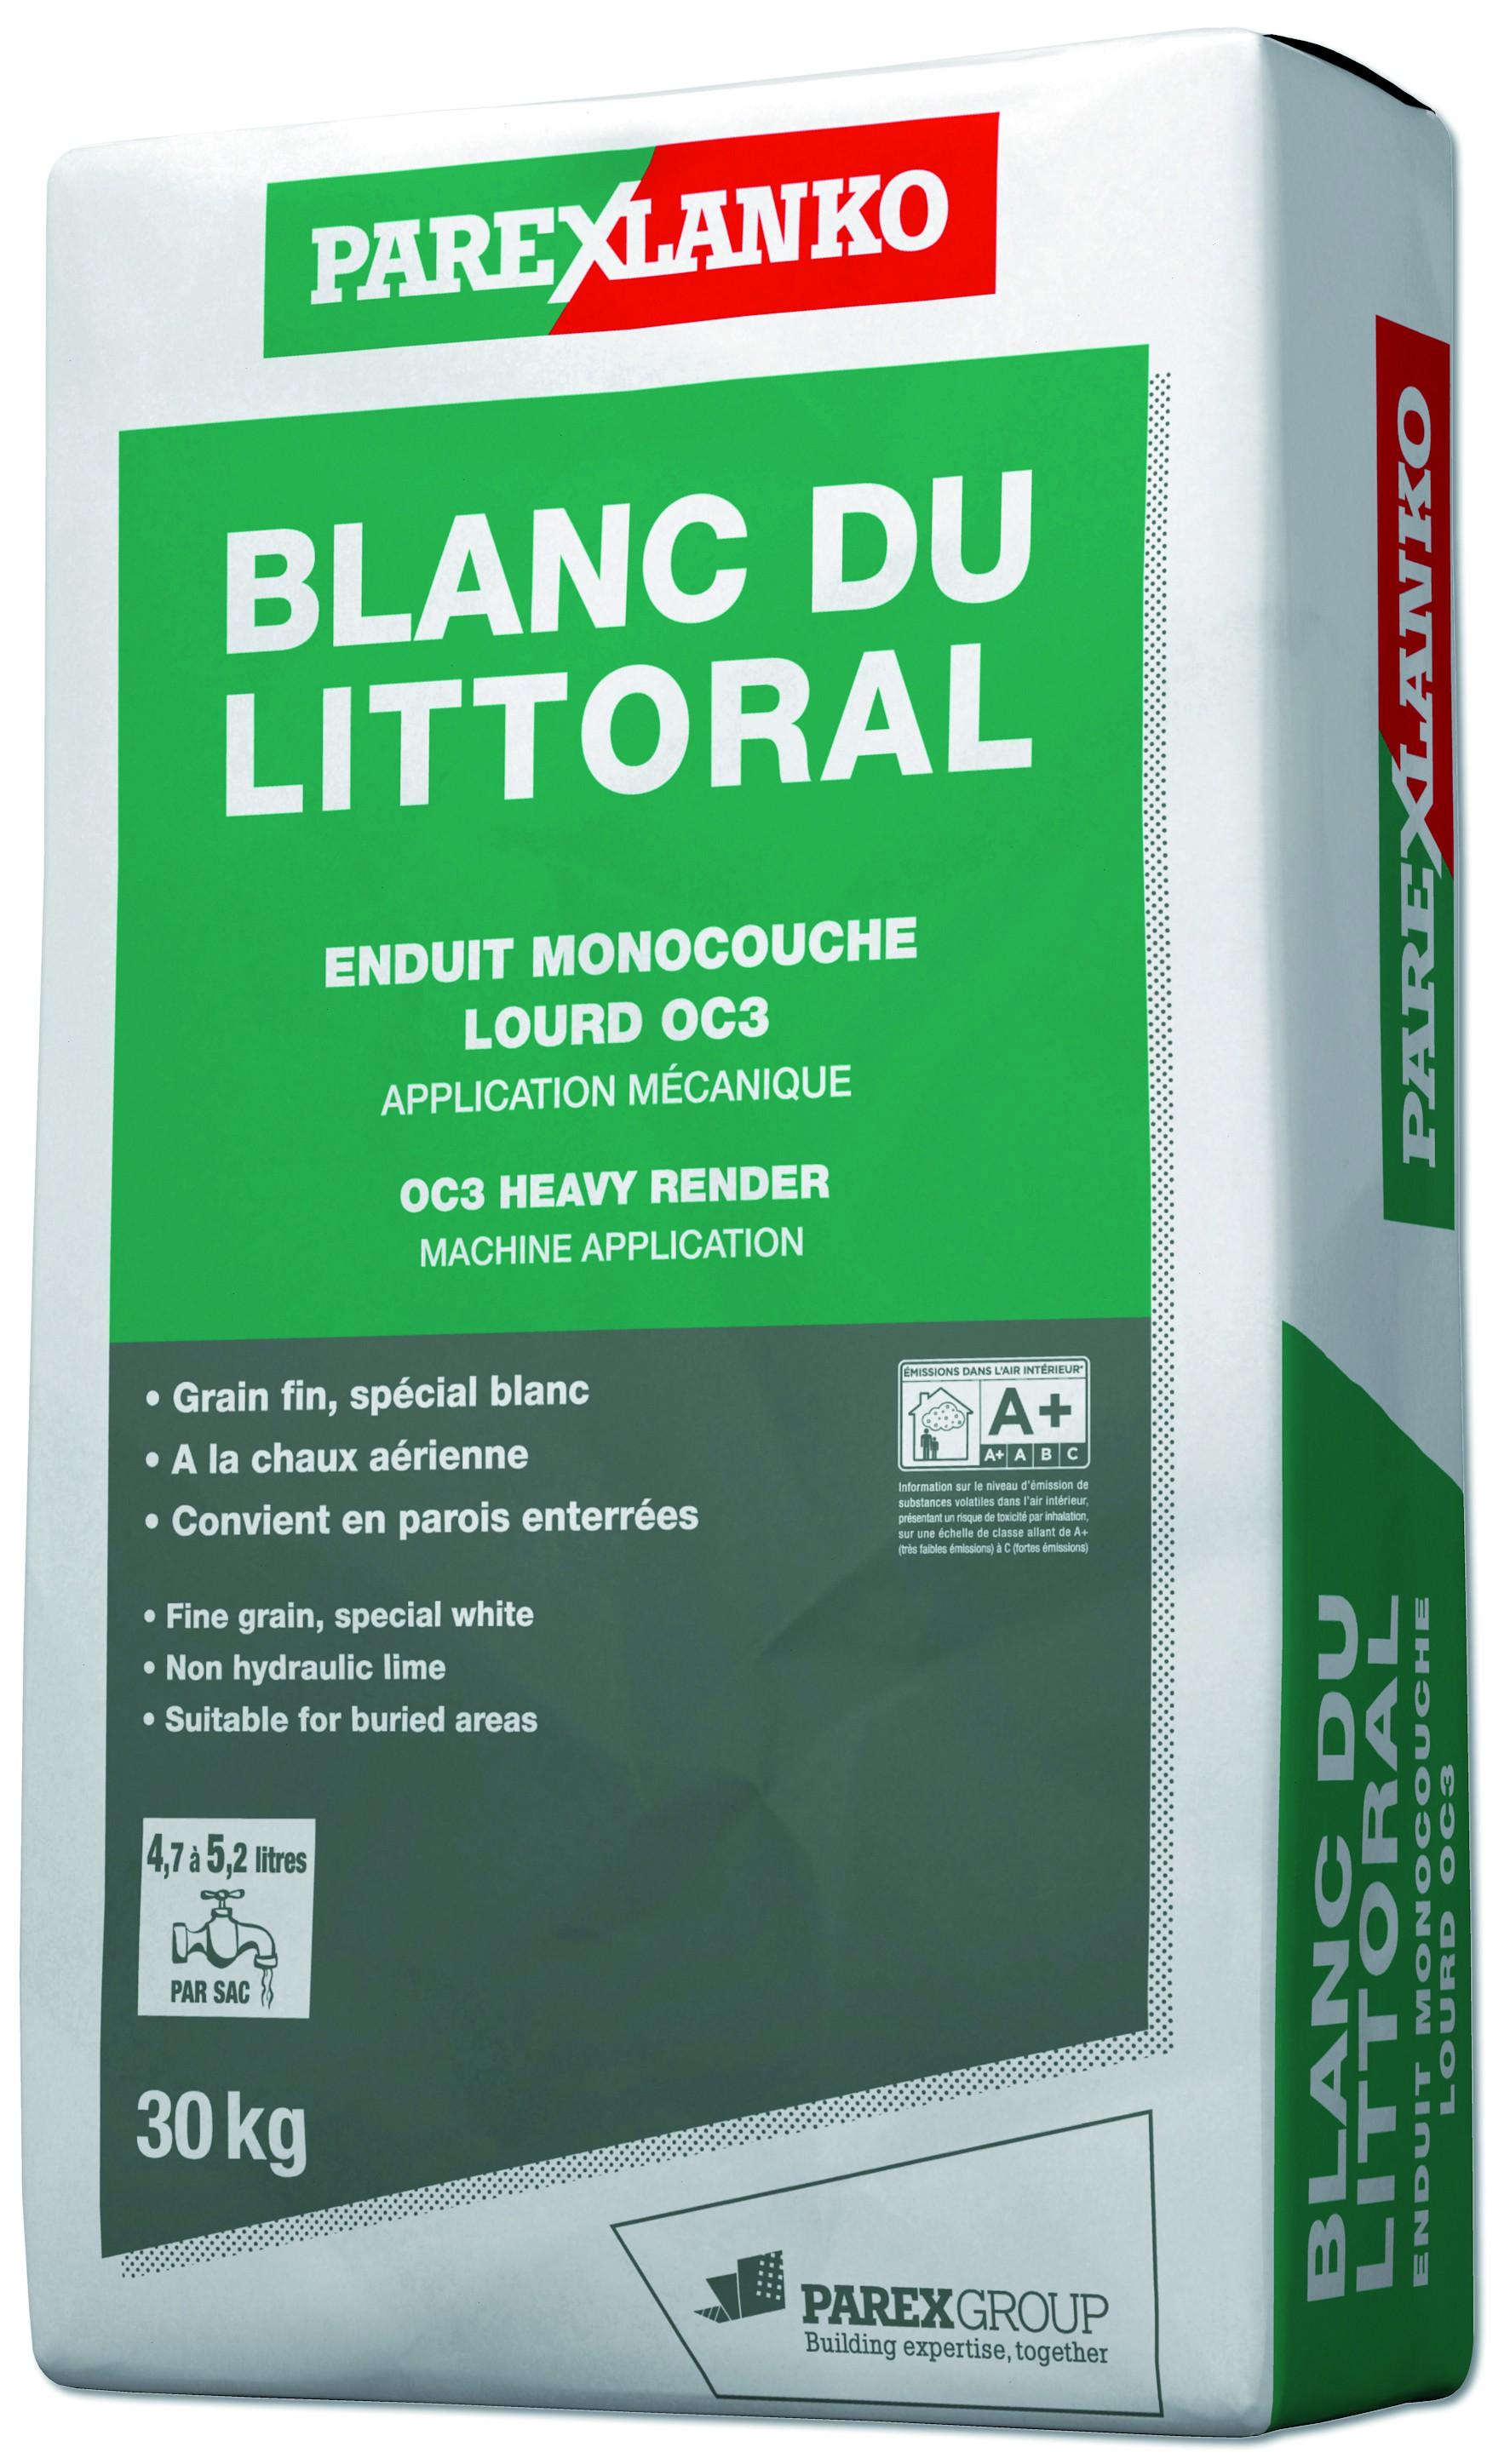 Enduit monocouche lourd grain fin spécial blanc Blanc Du Littoral Parexlanko